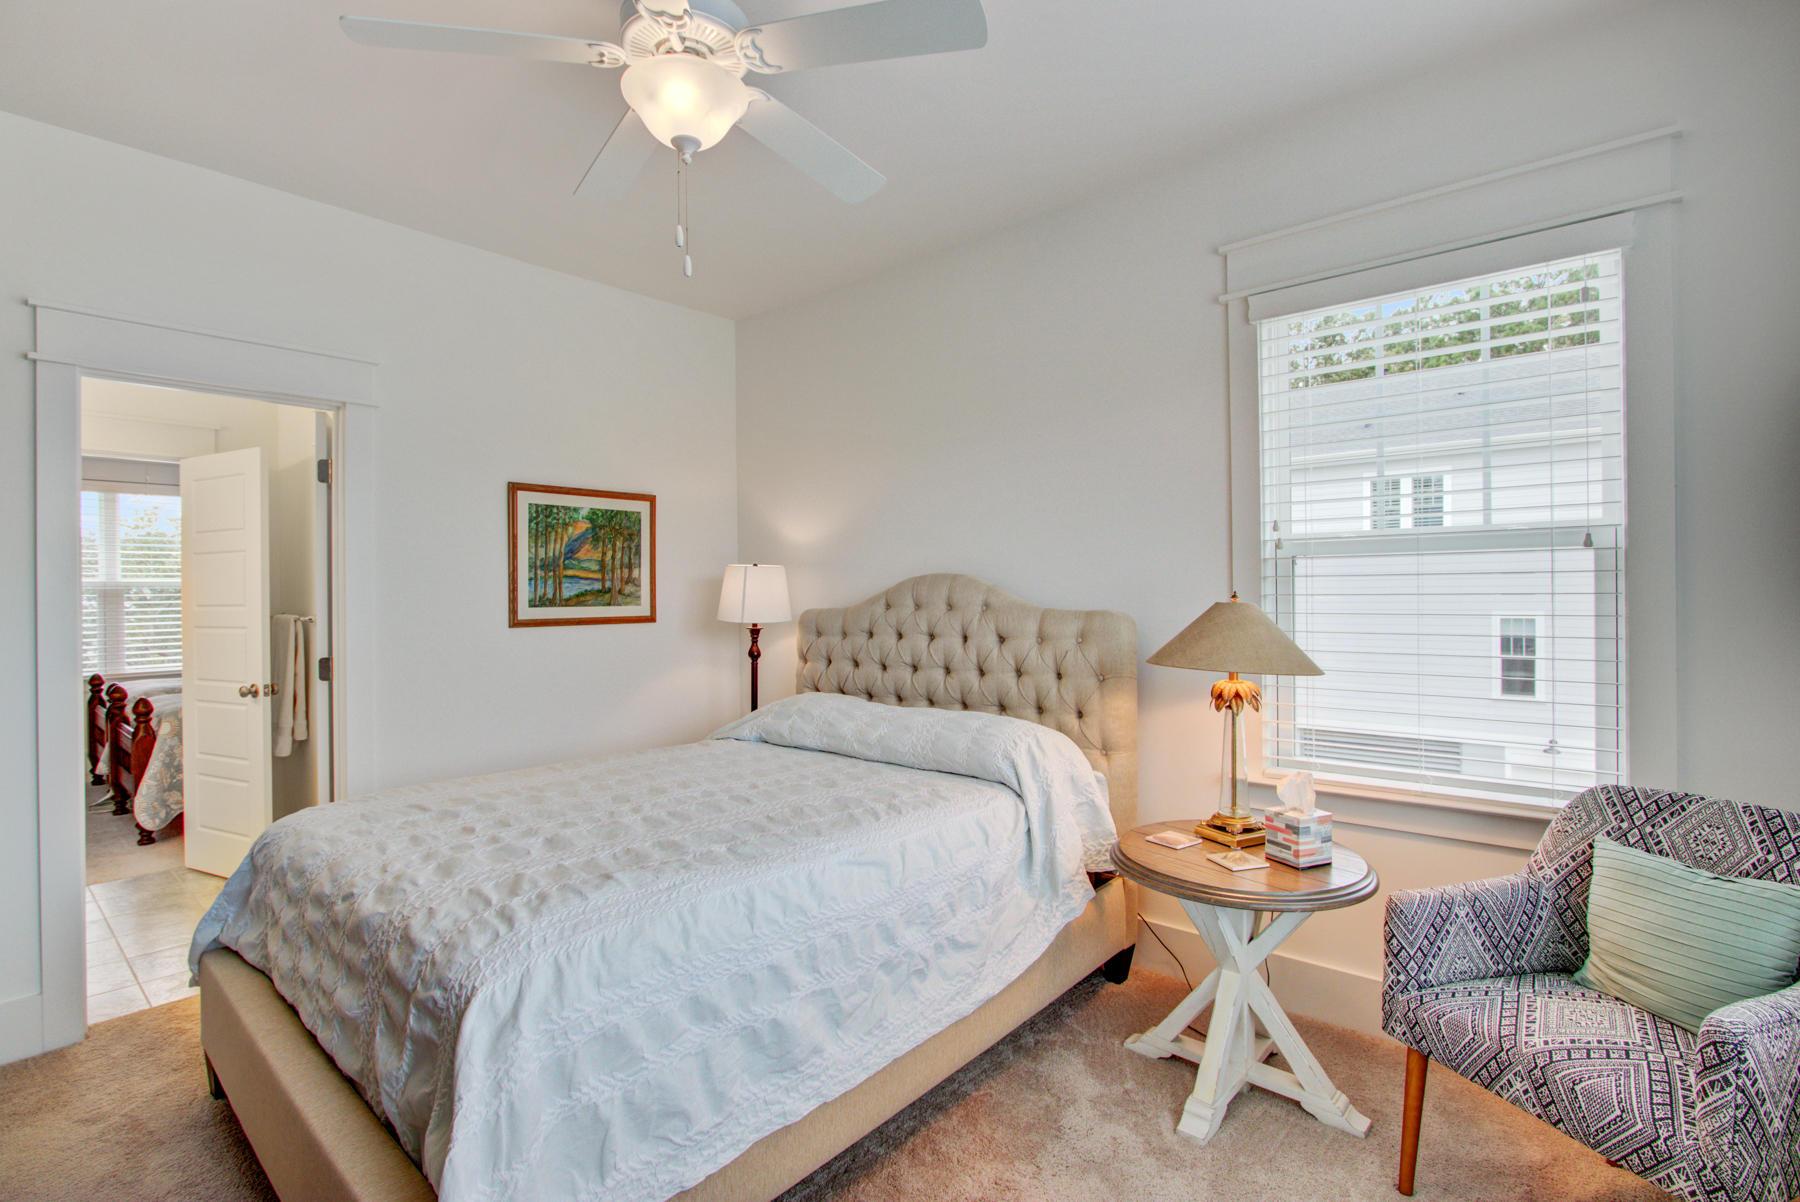 Dunes West Homes For Sale - 2984 Yachtsman, Mount Pleasant, SC - 2